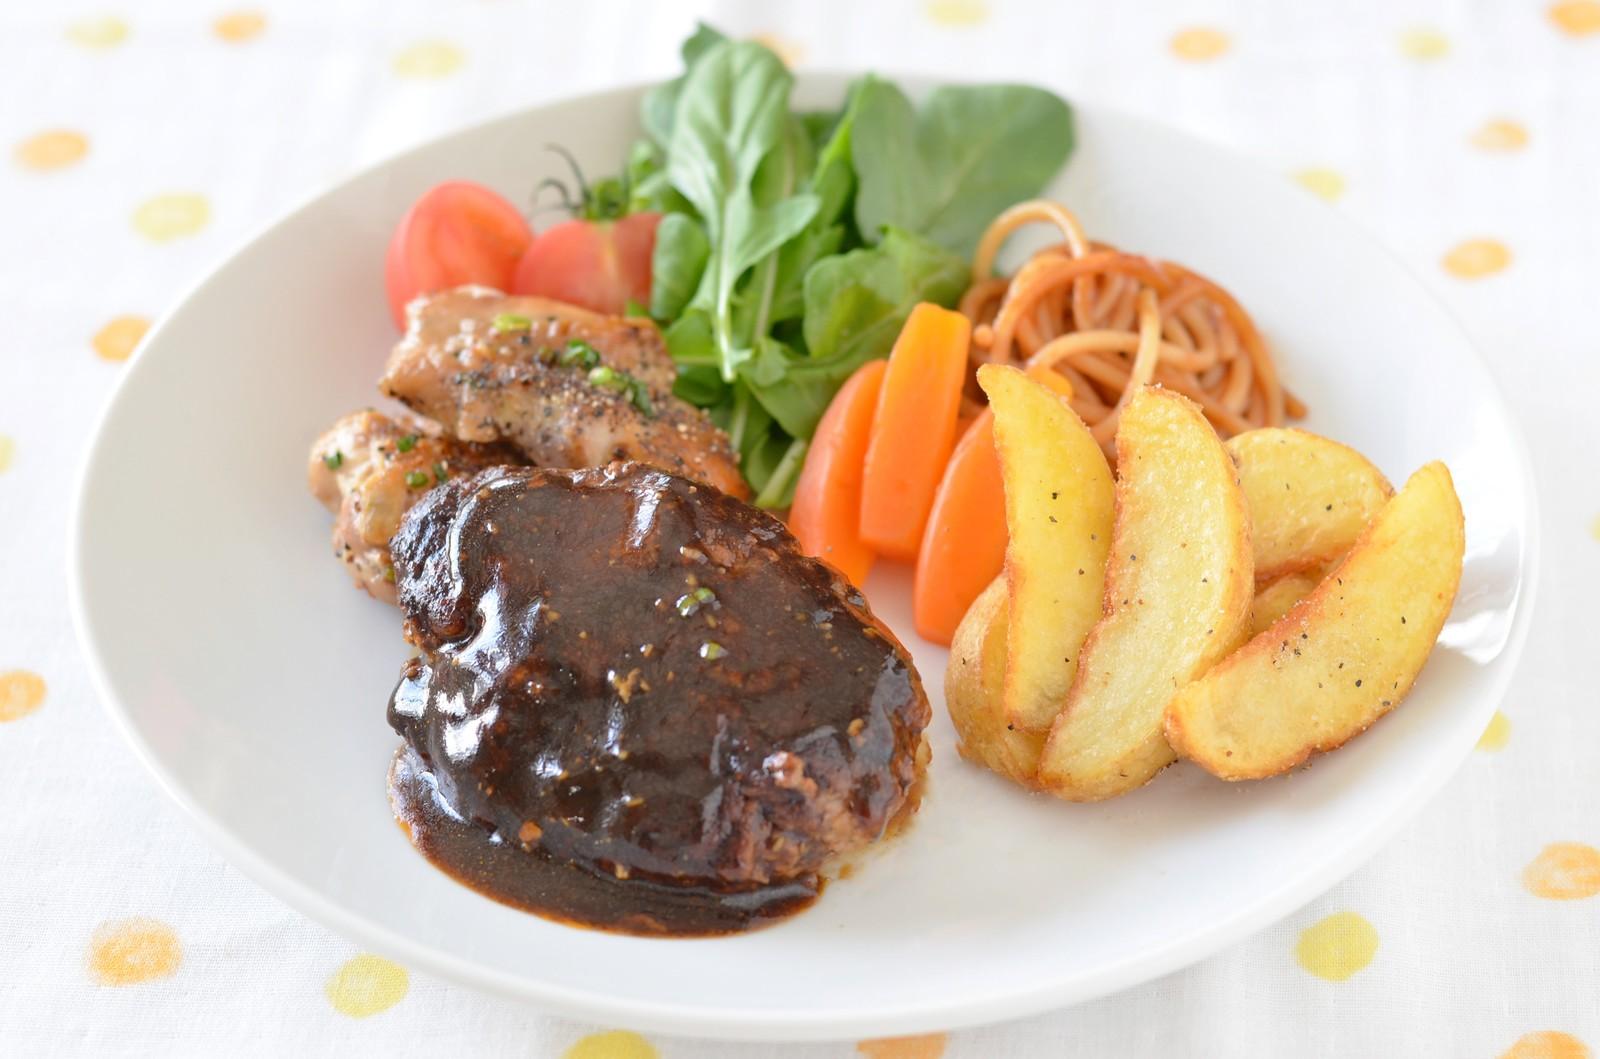 柴又のランチスポット11選!食べ歩きにも便利!美味しい料理を堪能しよう